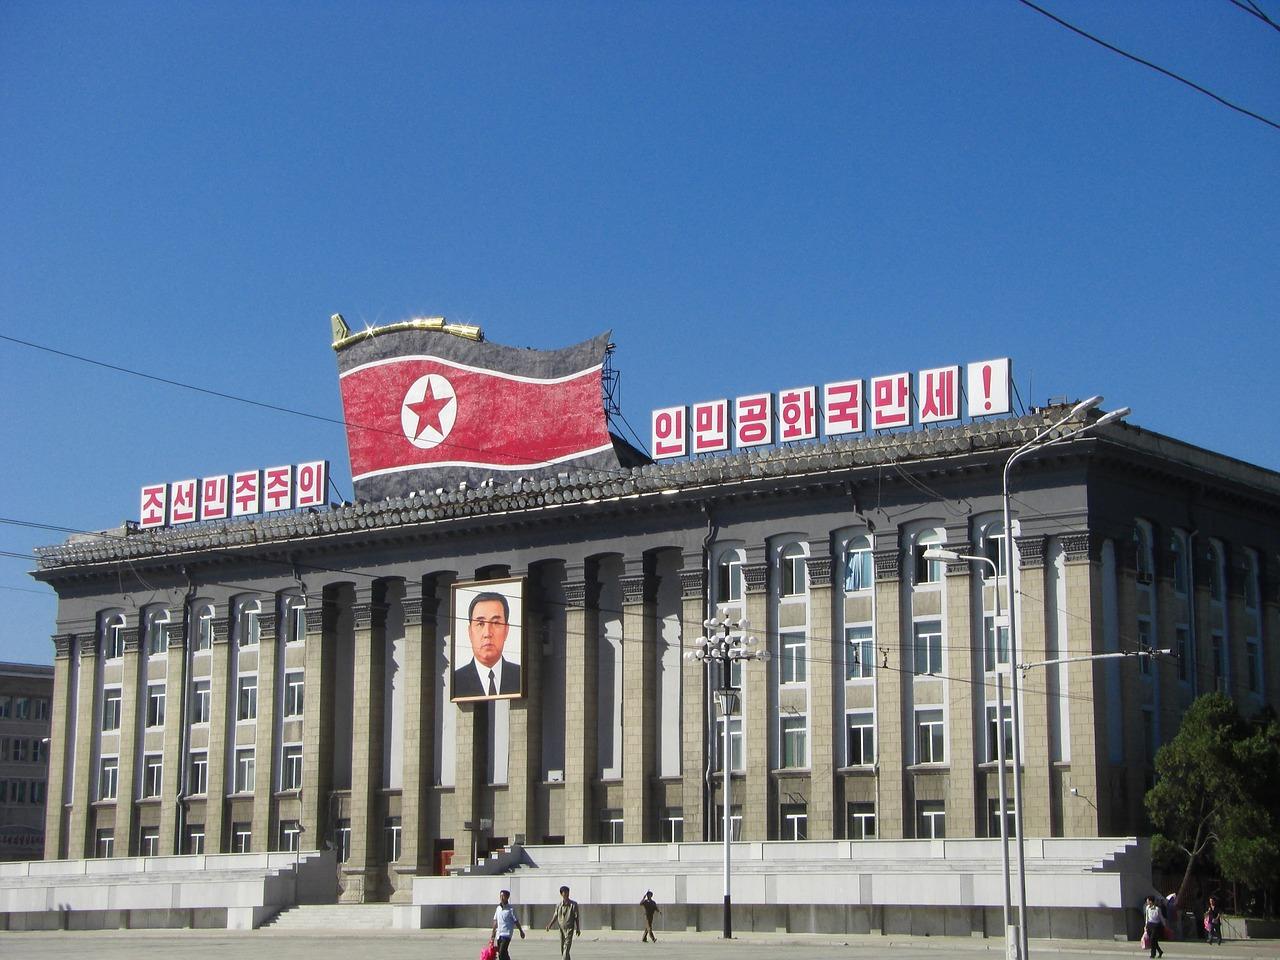 選挙のない非民主的な国の北朝鮮がなぜか日本の衆議院解散に一言